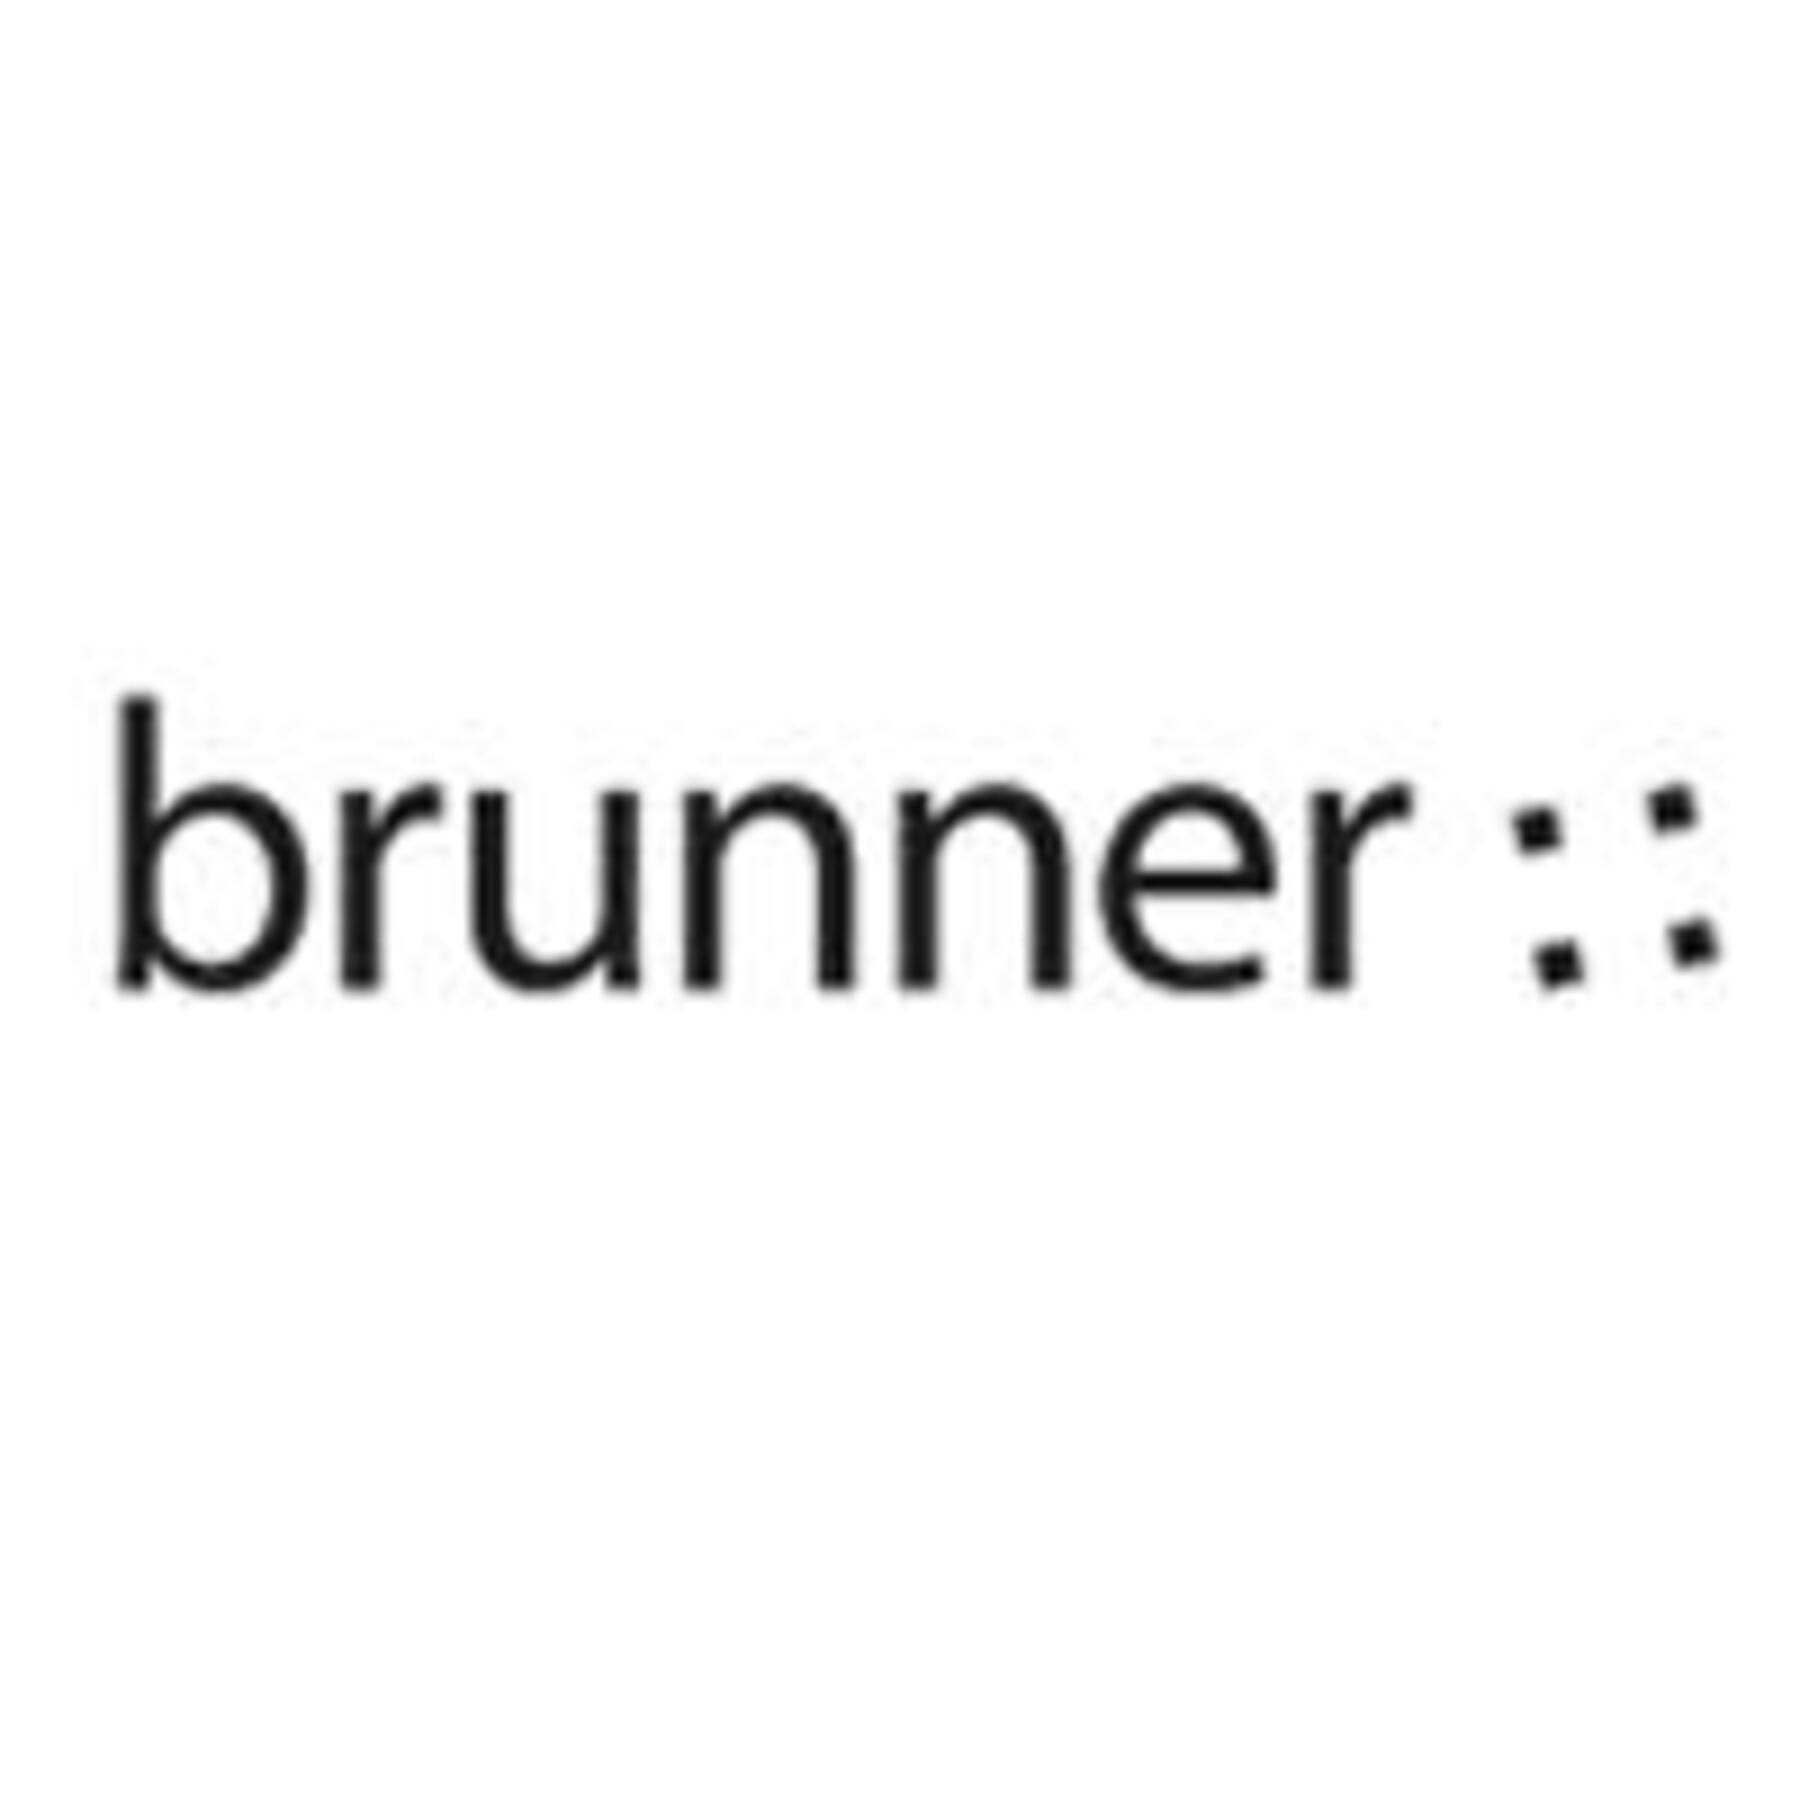 797877 1800 0751 797542 732081 200x200  0751 brunner